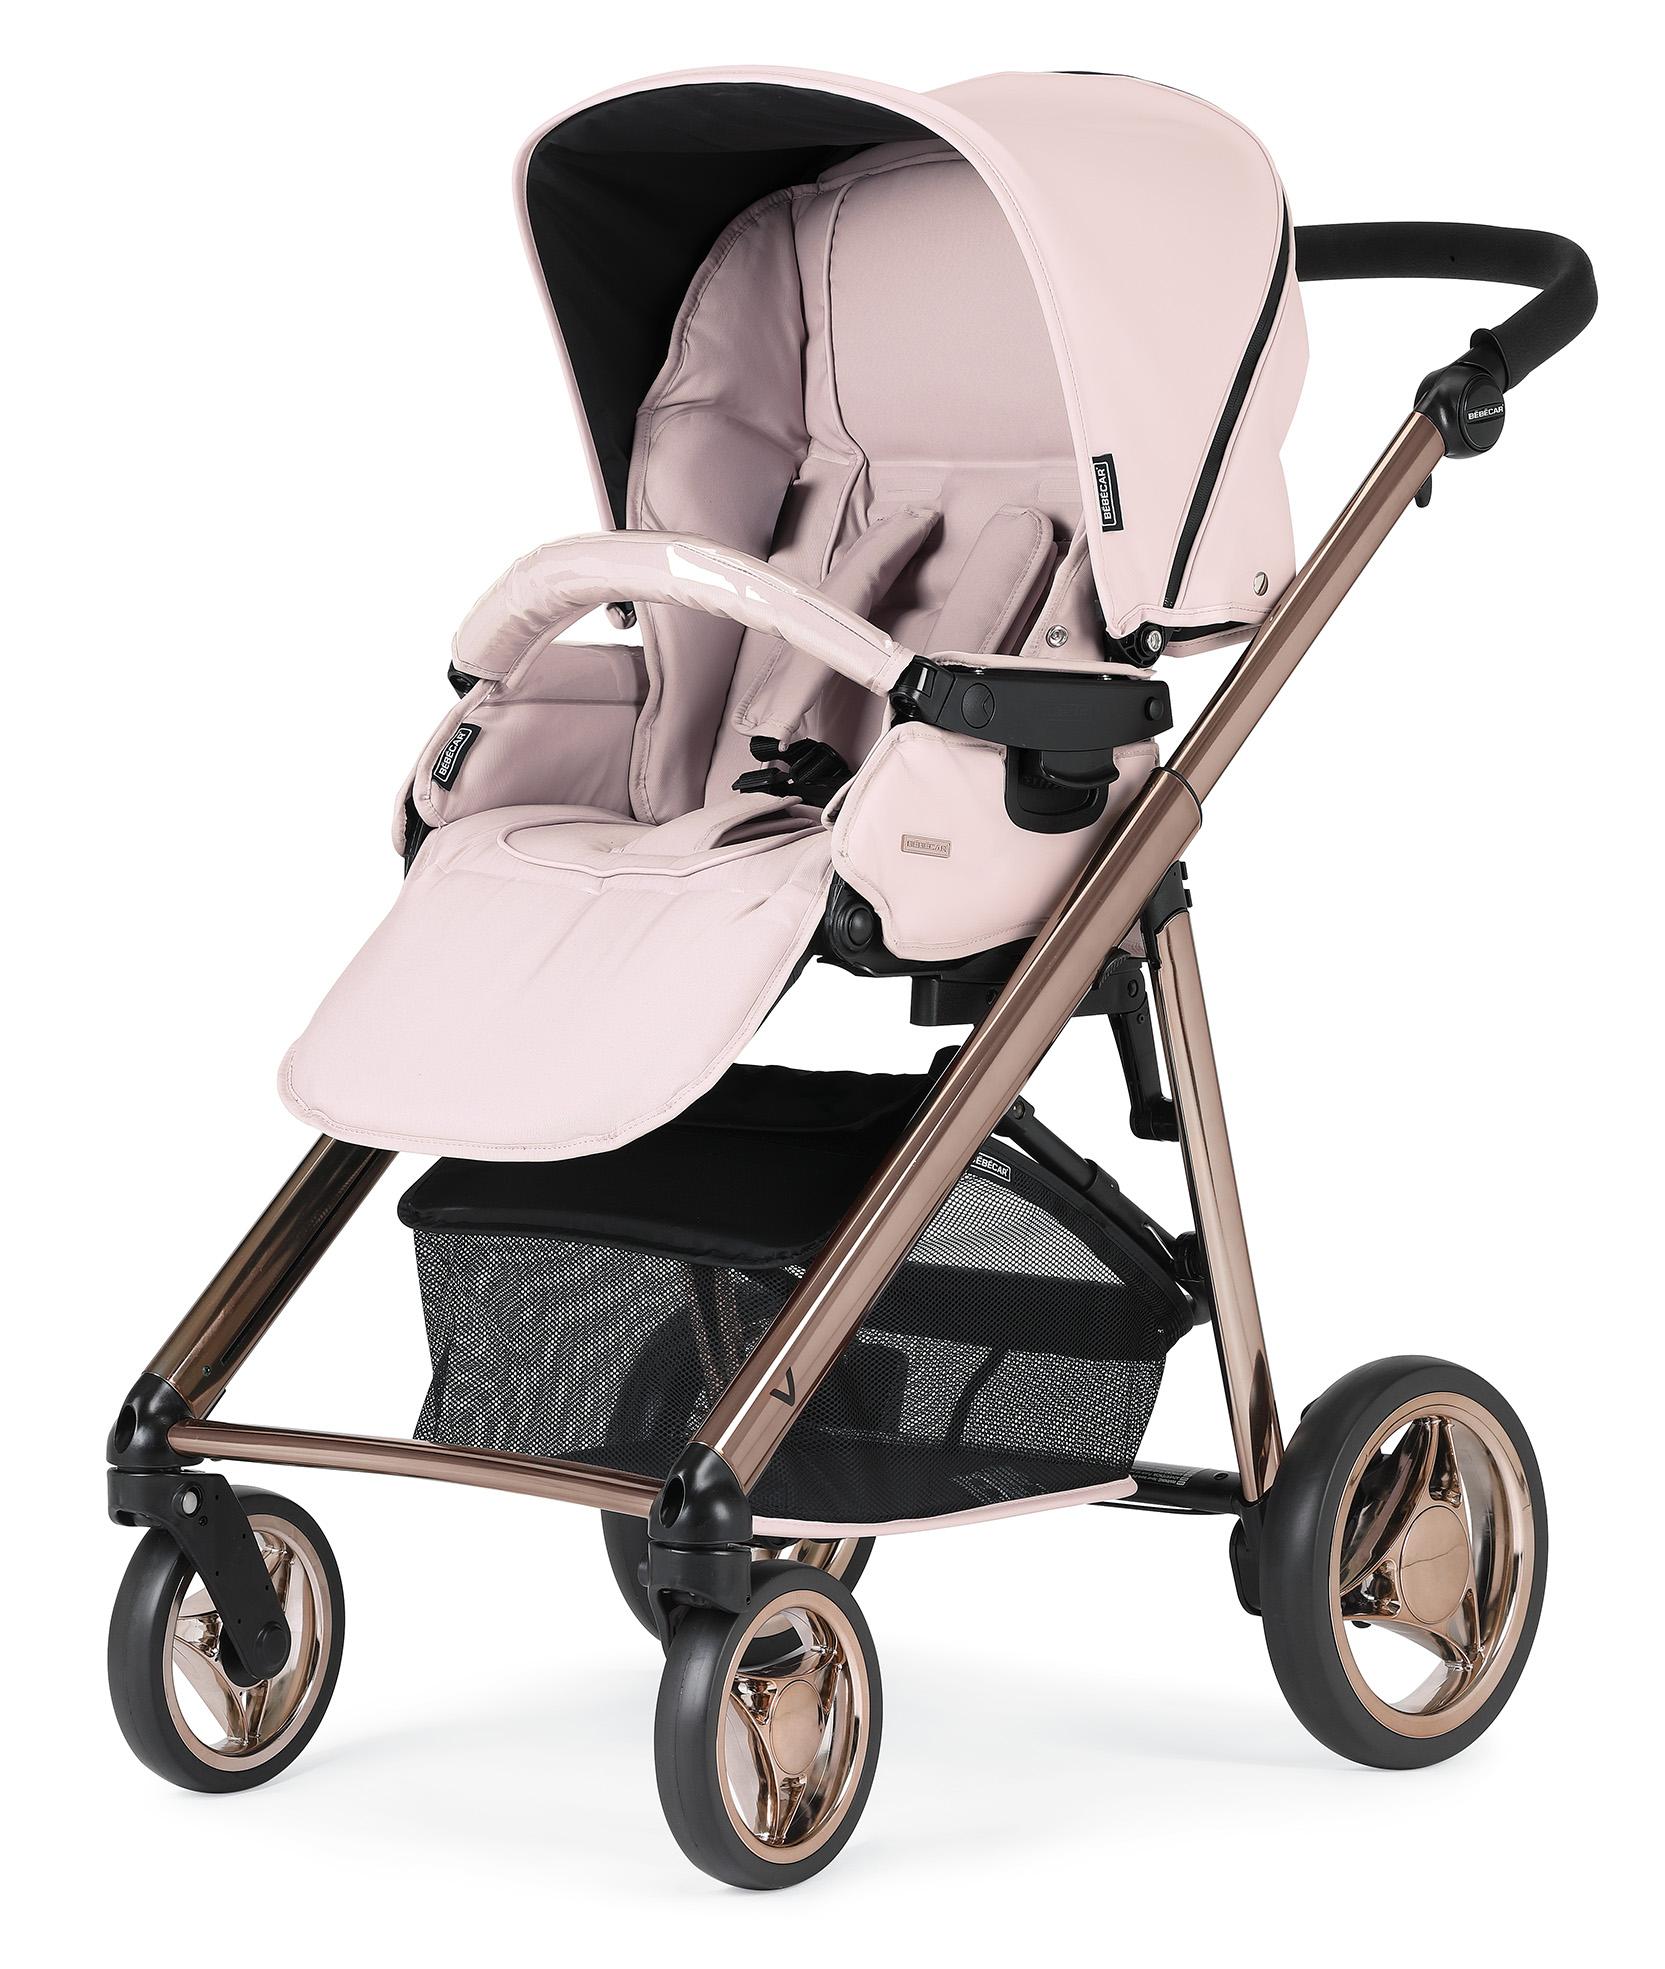 Bebecar V Pack pink pushchair unit